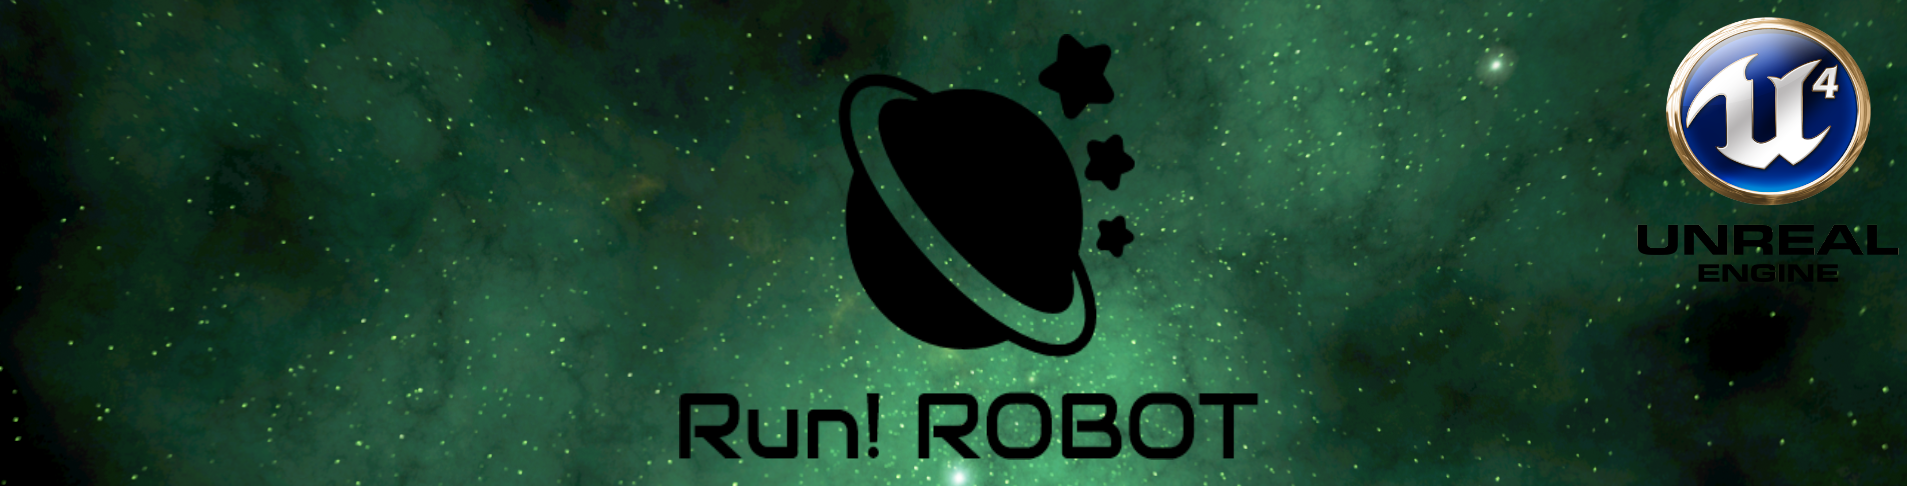 Run! ROBOT